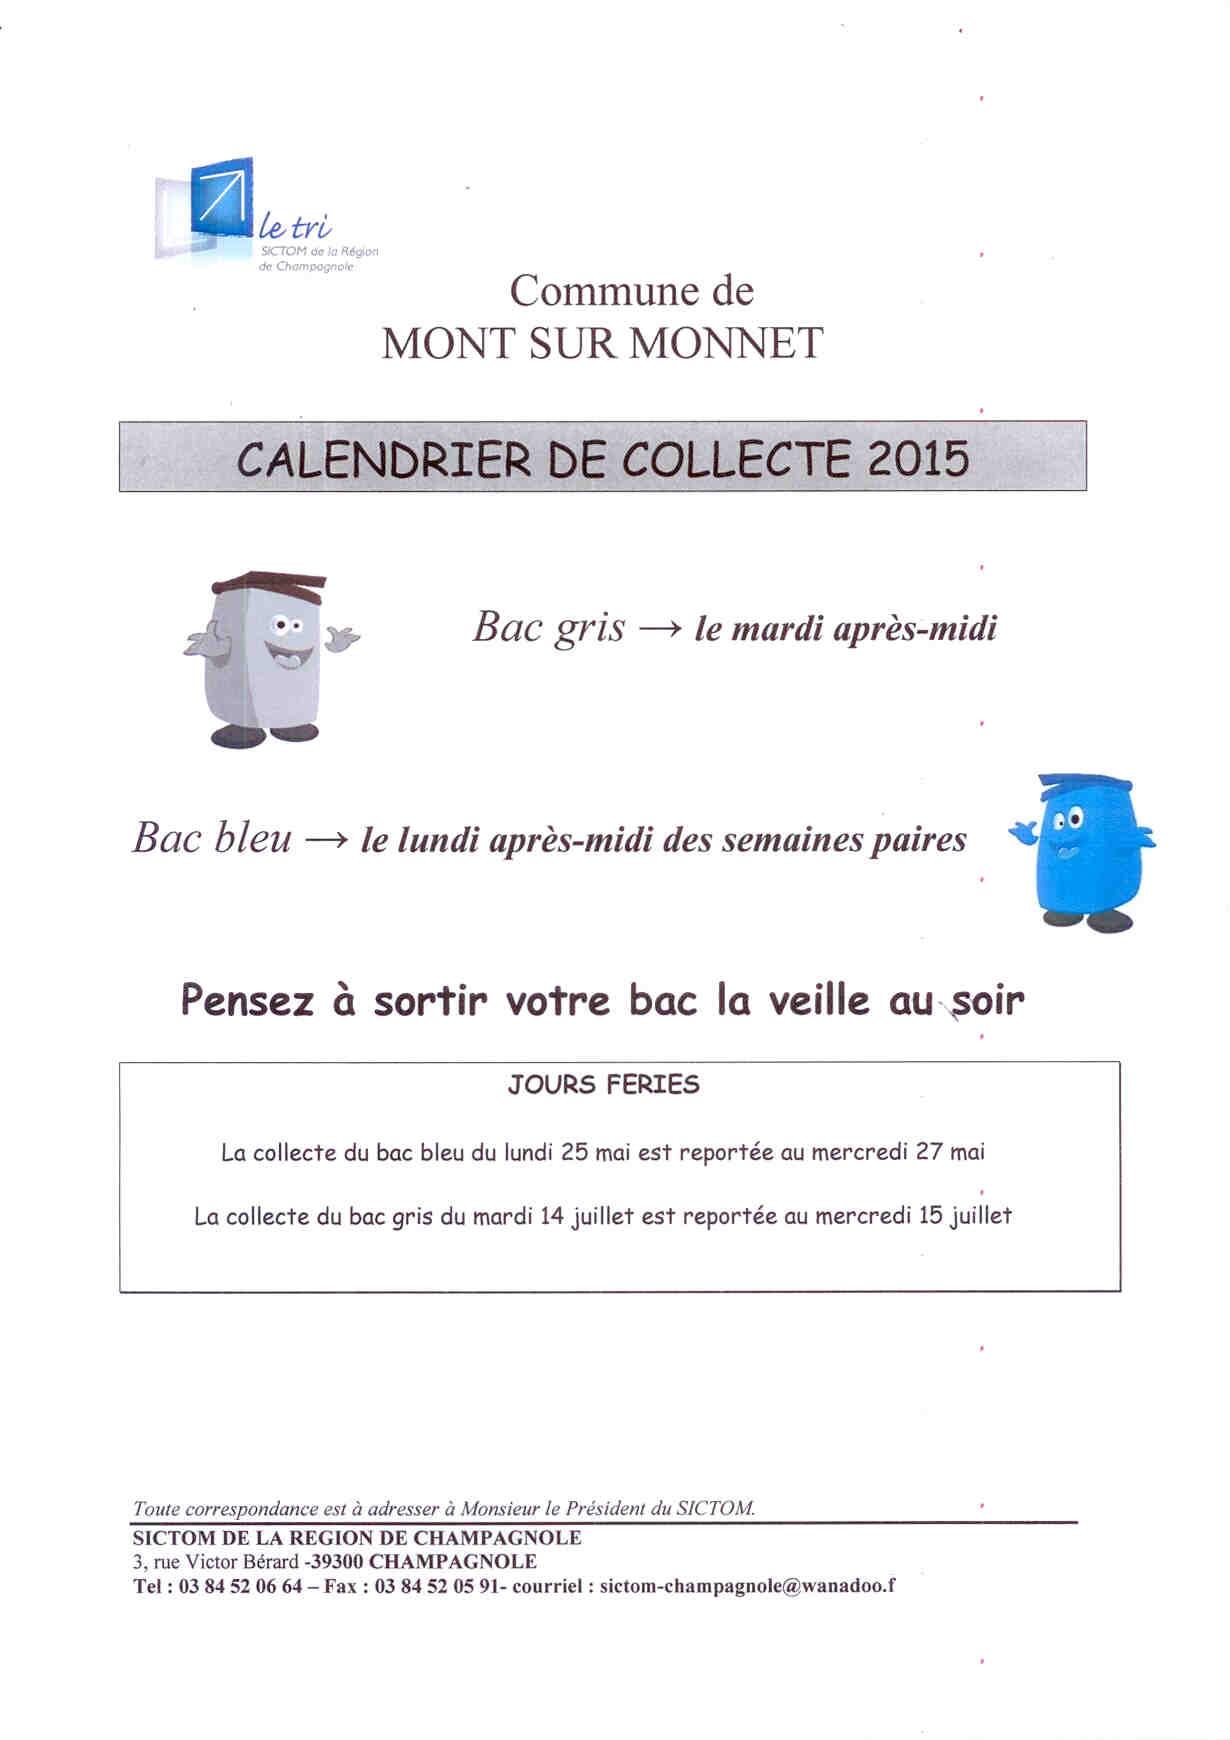 planning-2015